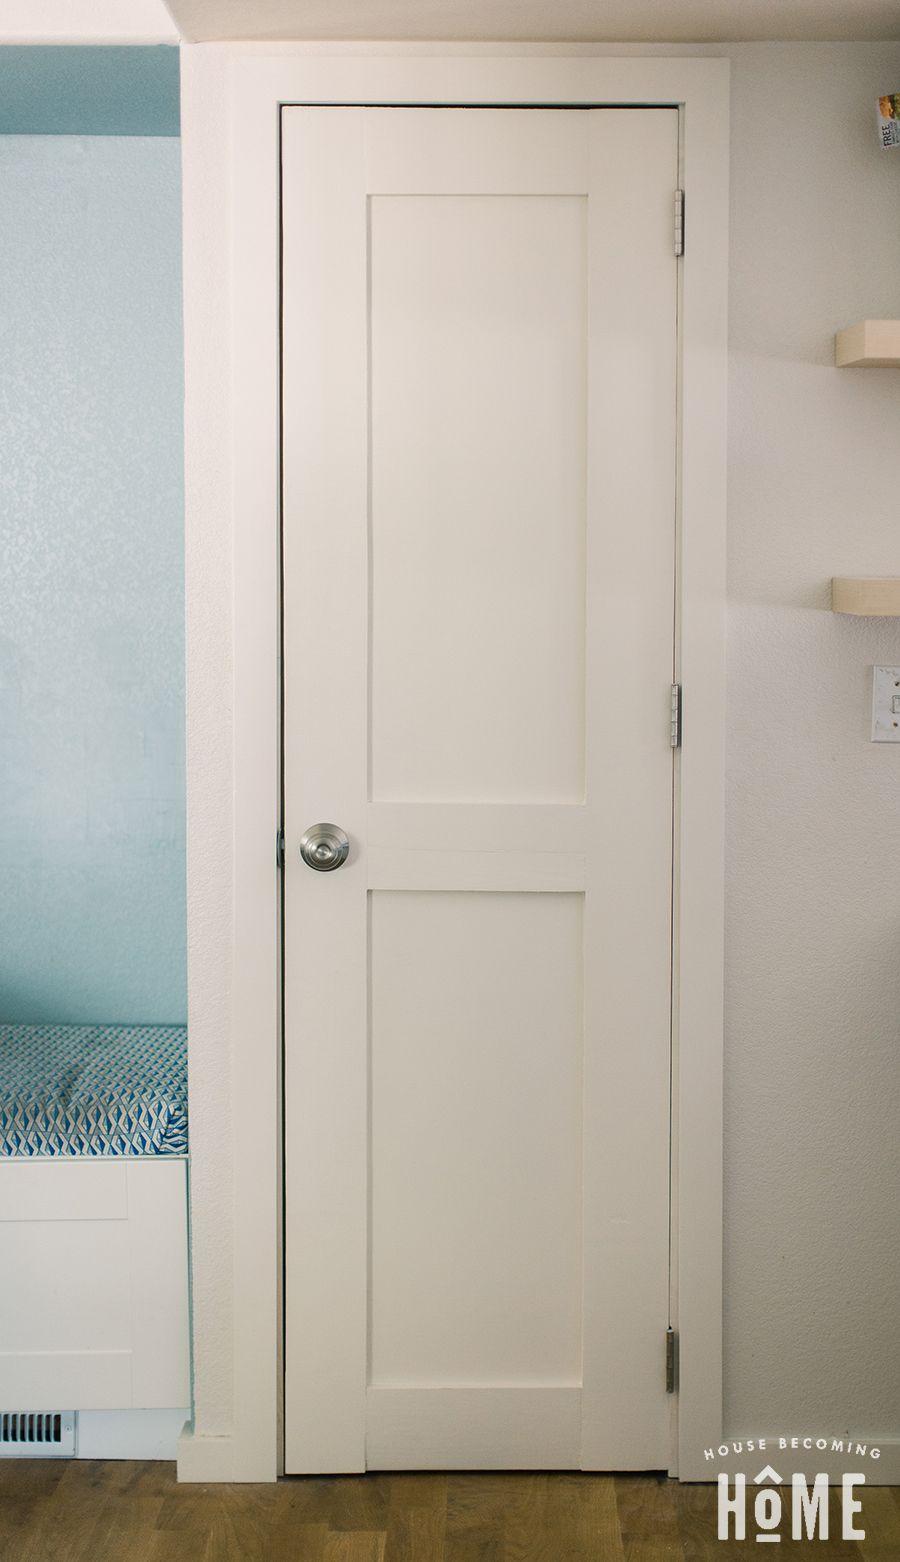 Diy Two Panel Shaker Style Door How To Build Tutorial